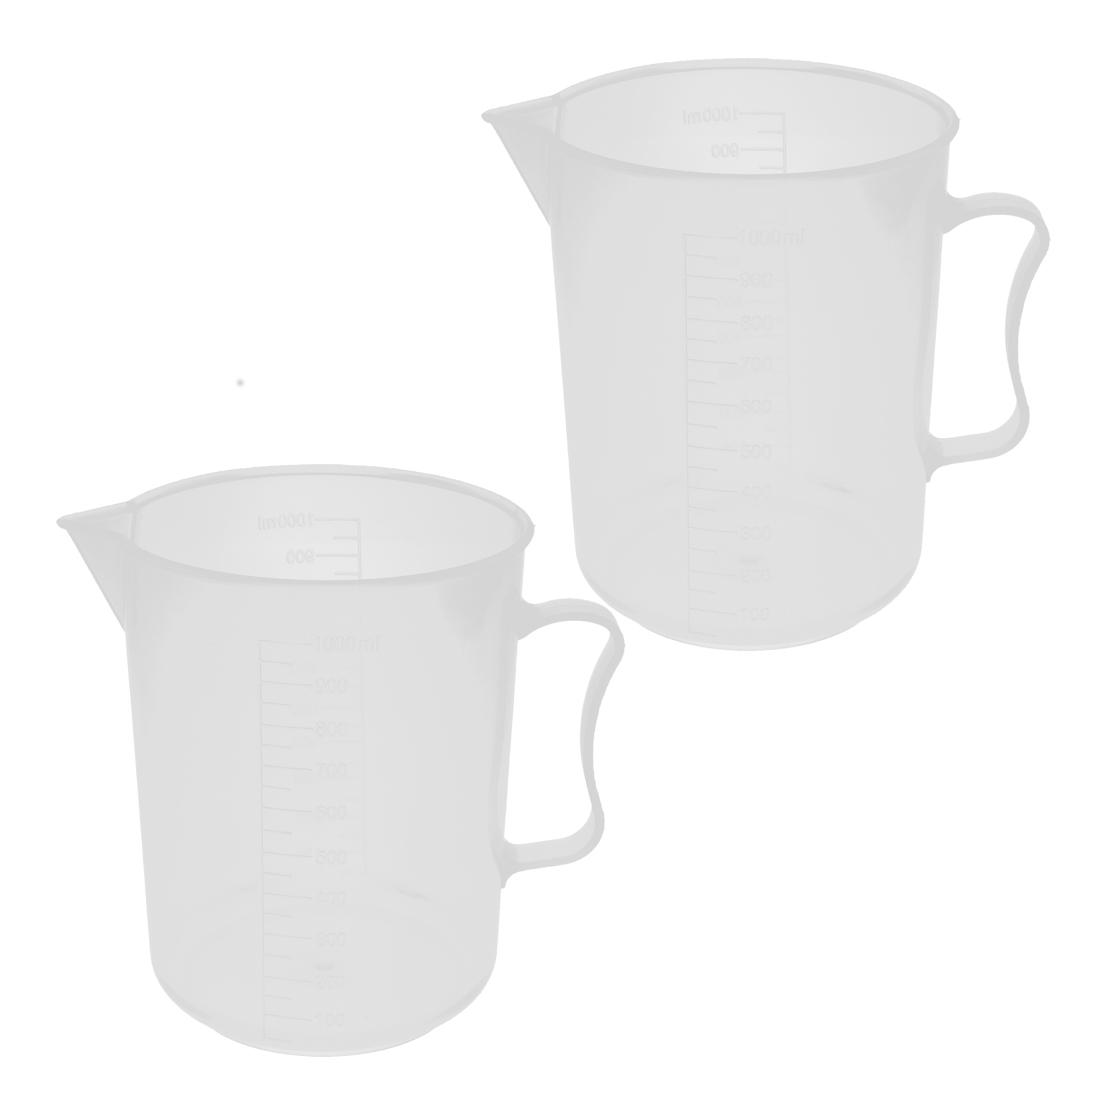 Unique Bargains Kitchen Lab 1000mL Plastic Measuring Cup Jug Pour Spout Container 2pcs by Unique-Bargains